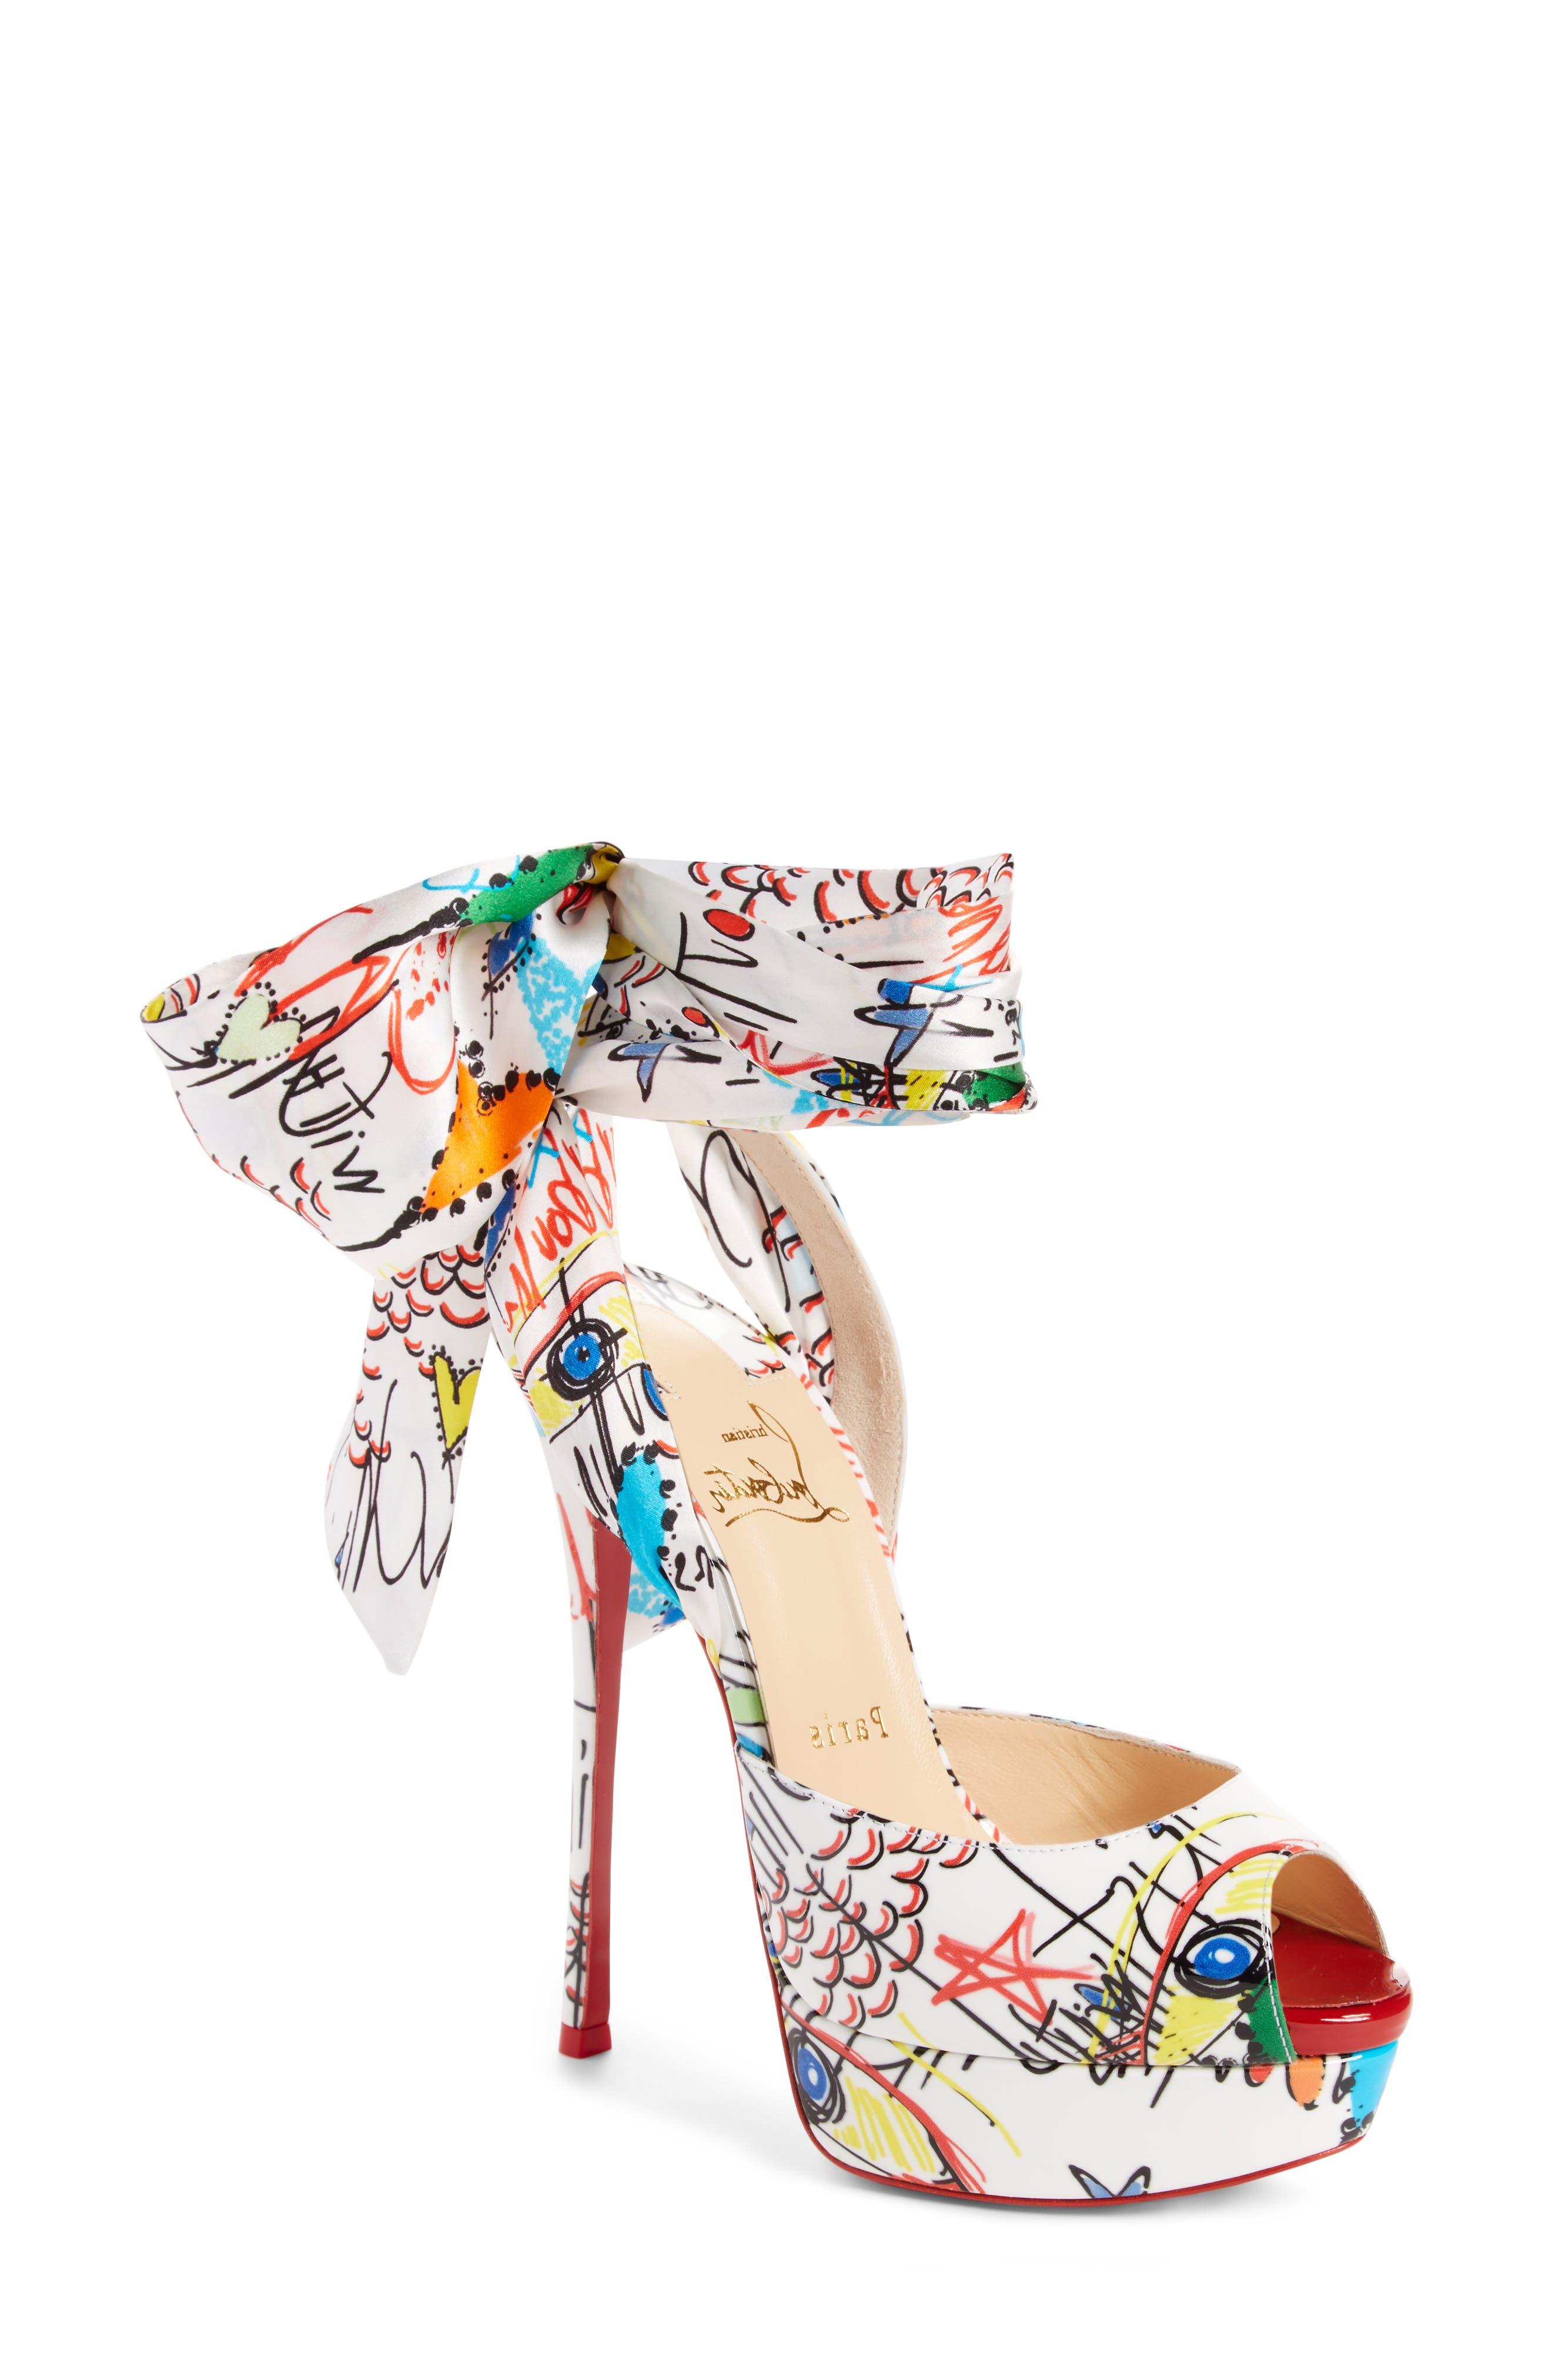 Loubitag Sandal,                             Main thumbnail 1, color,                             White Multi